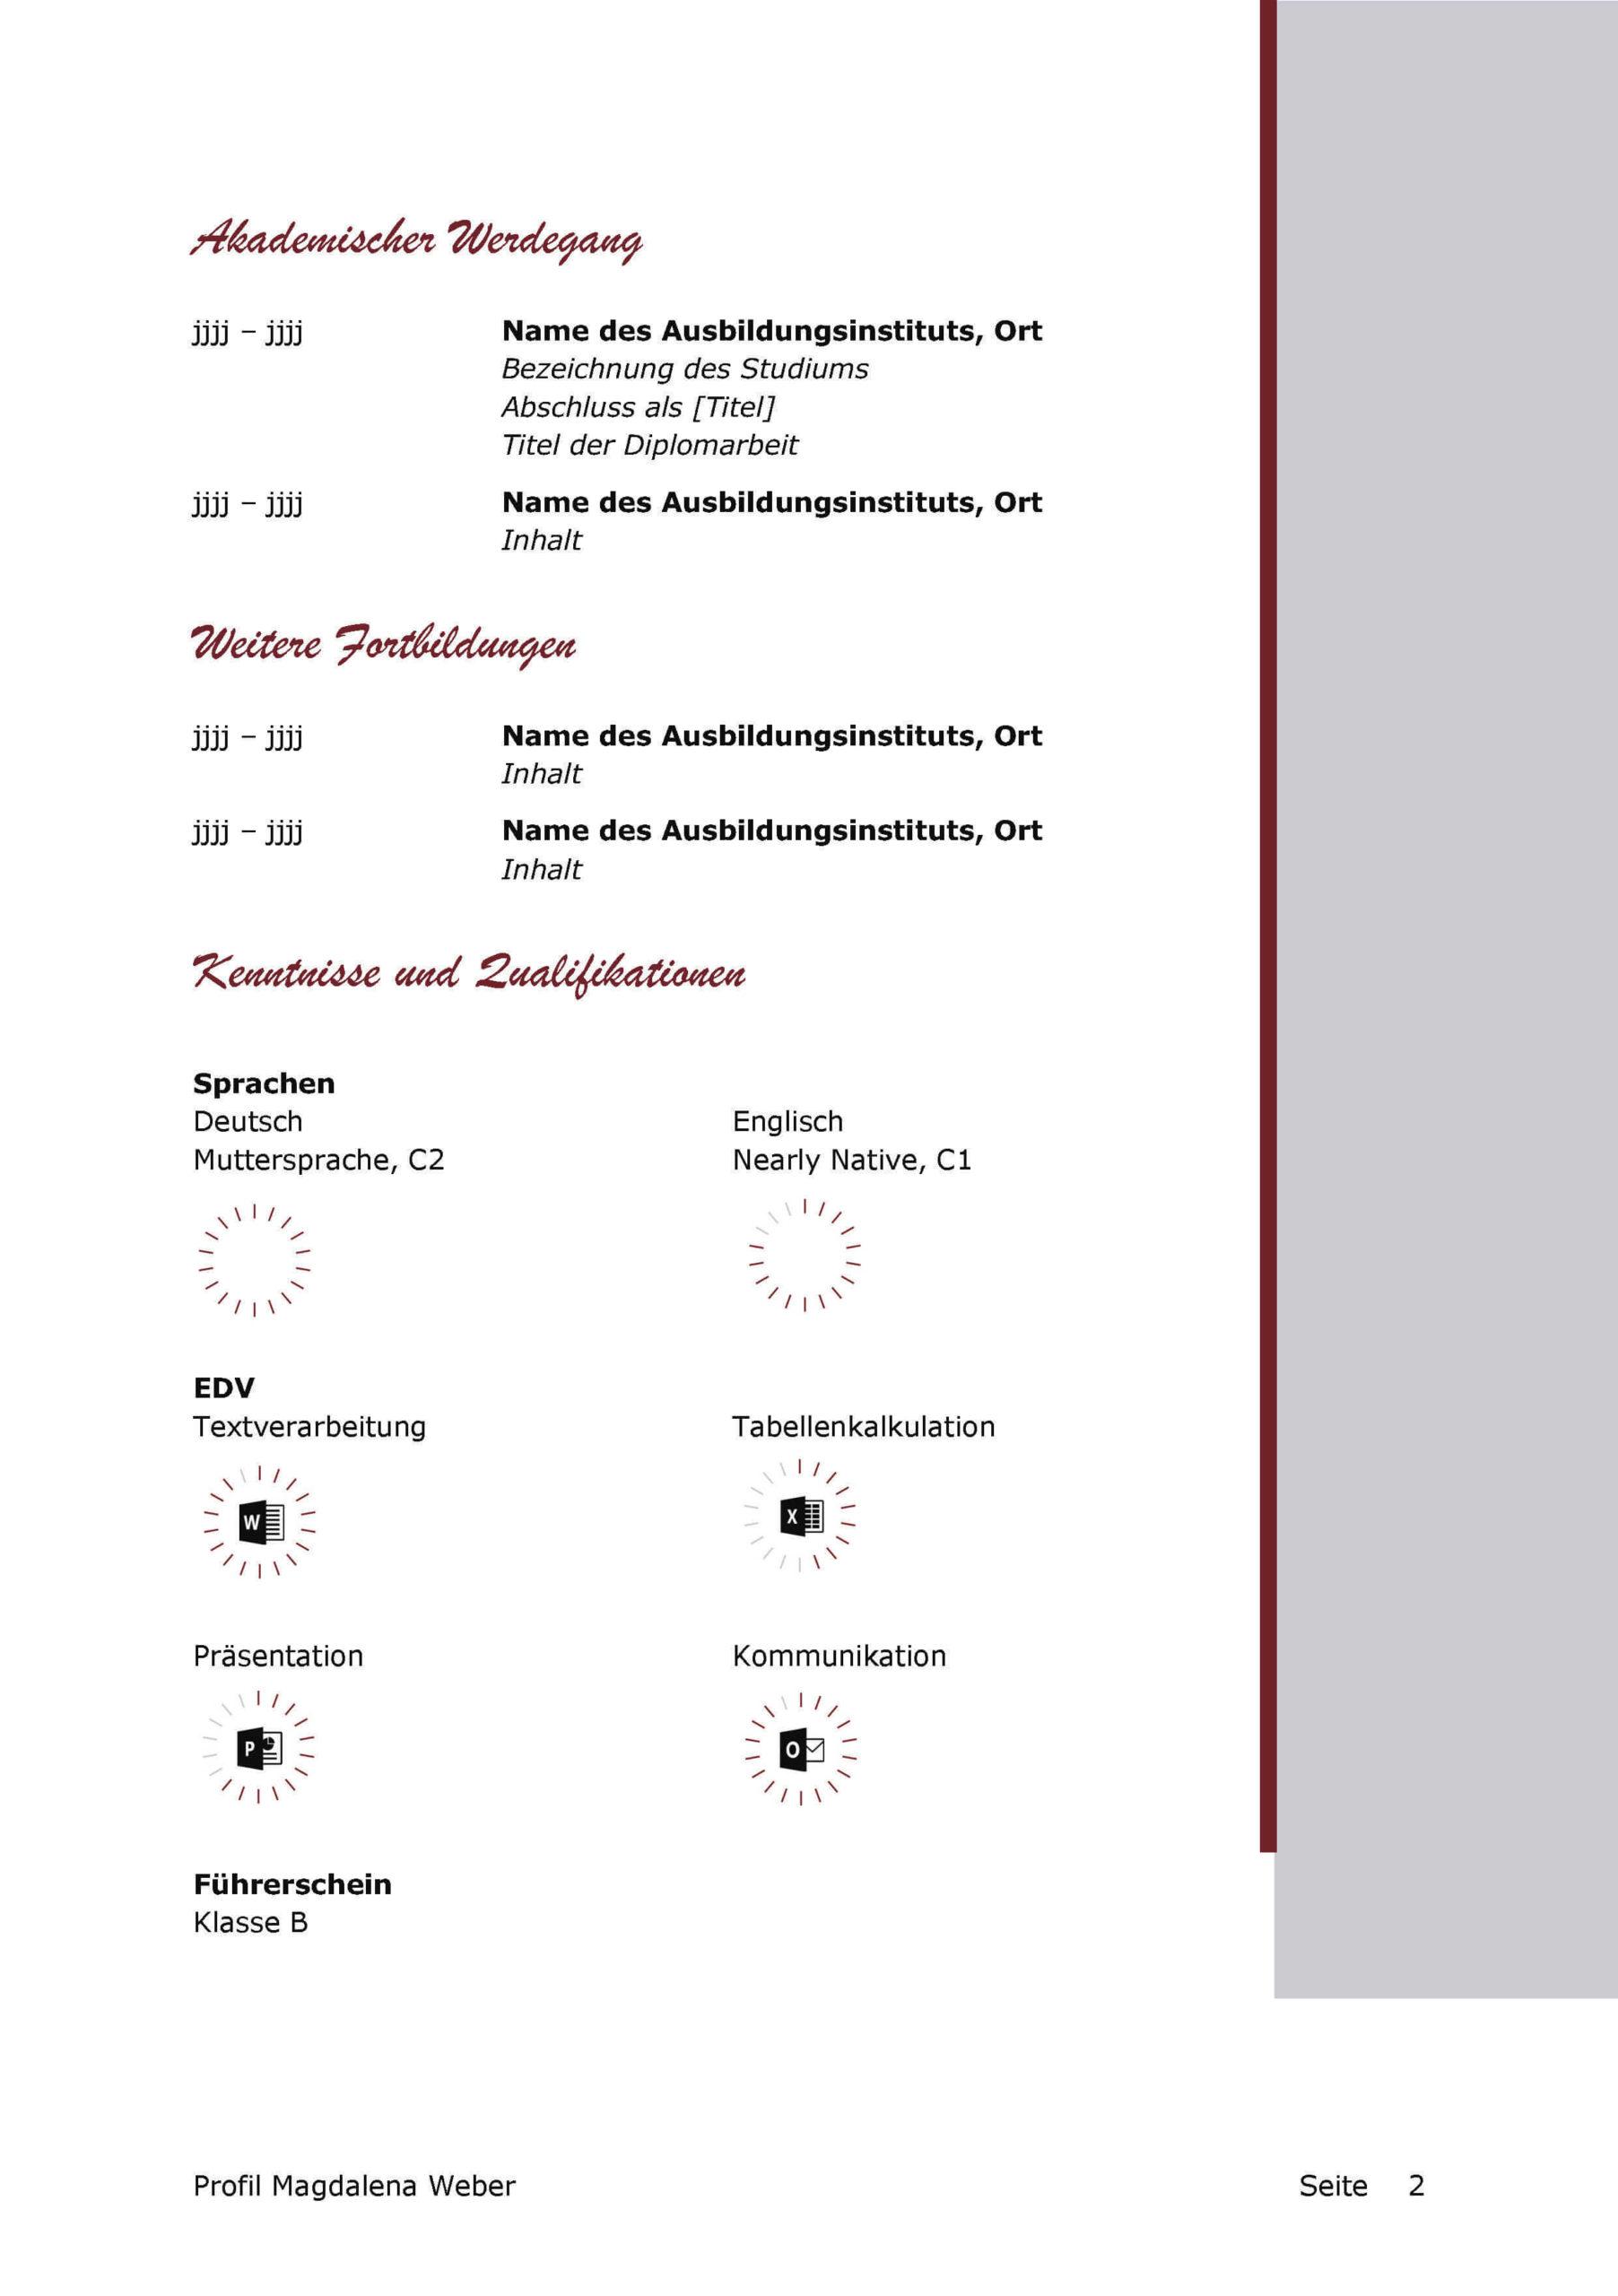 Lebenslauf Bewerbungsvorlage Magdalena Seite 2